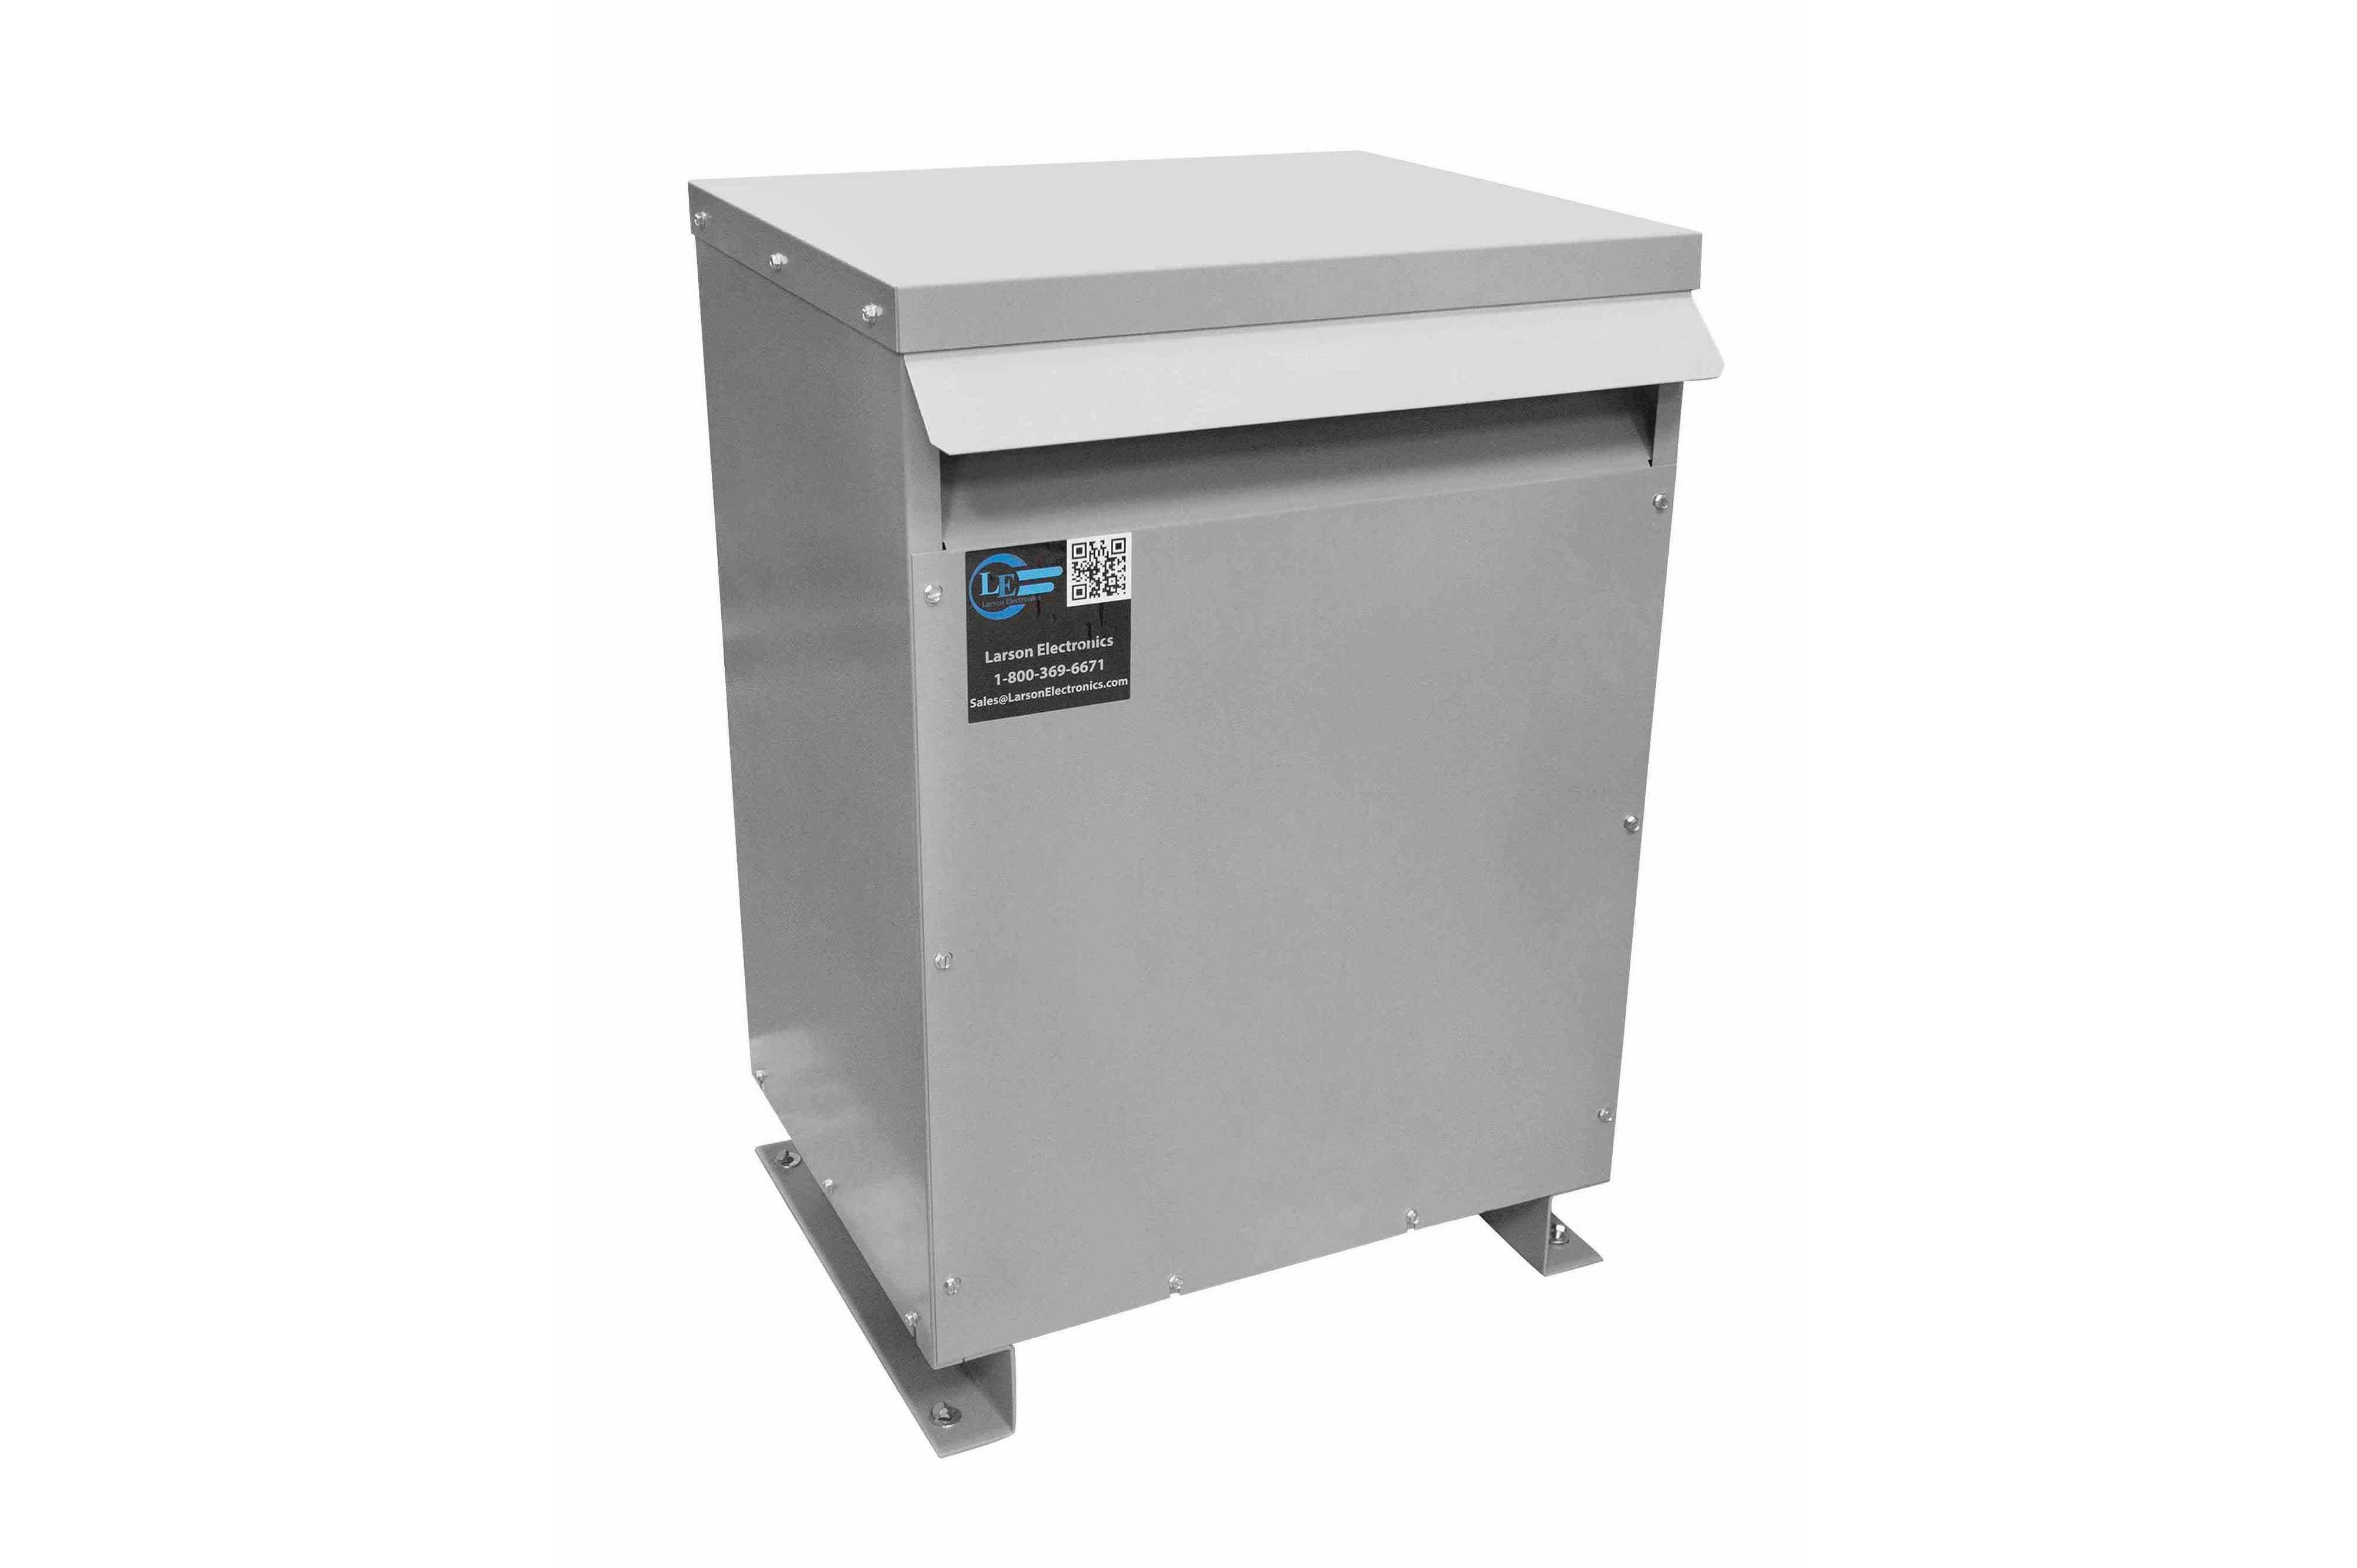 14 kVA 3PH Isolation Transformer, 208V Delta Primary, 600V Delta Secondary, N3R, Ventilated, 60 Hz